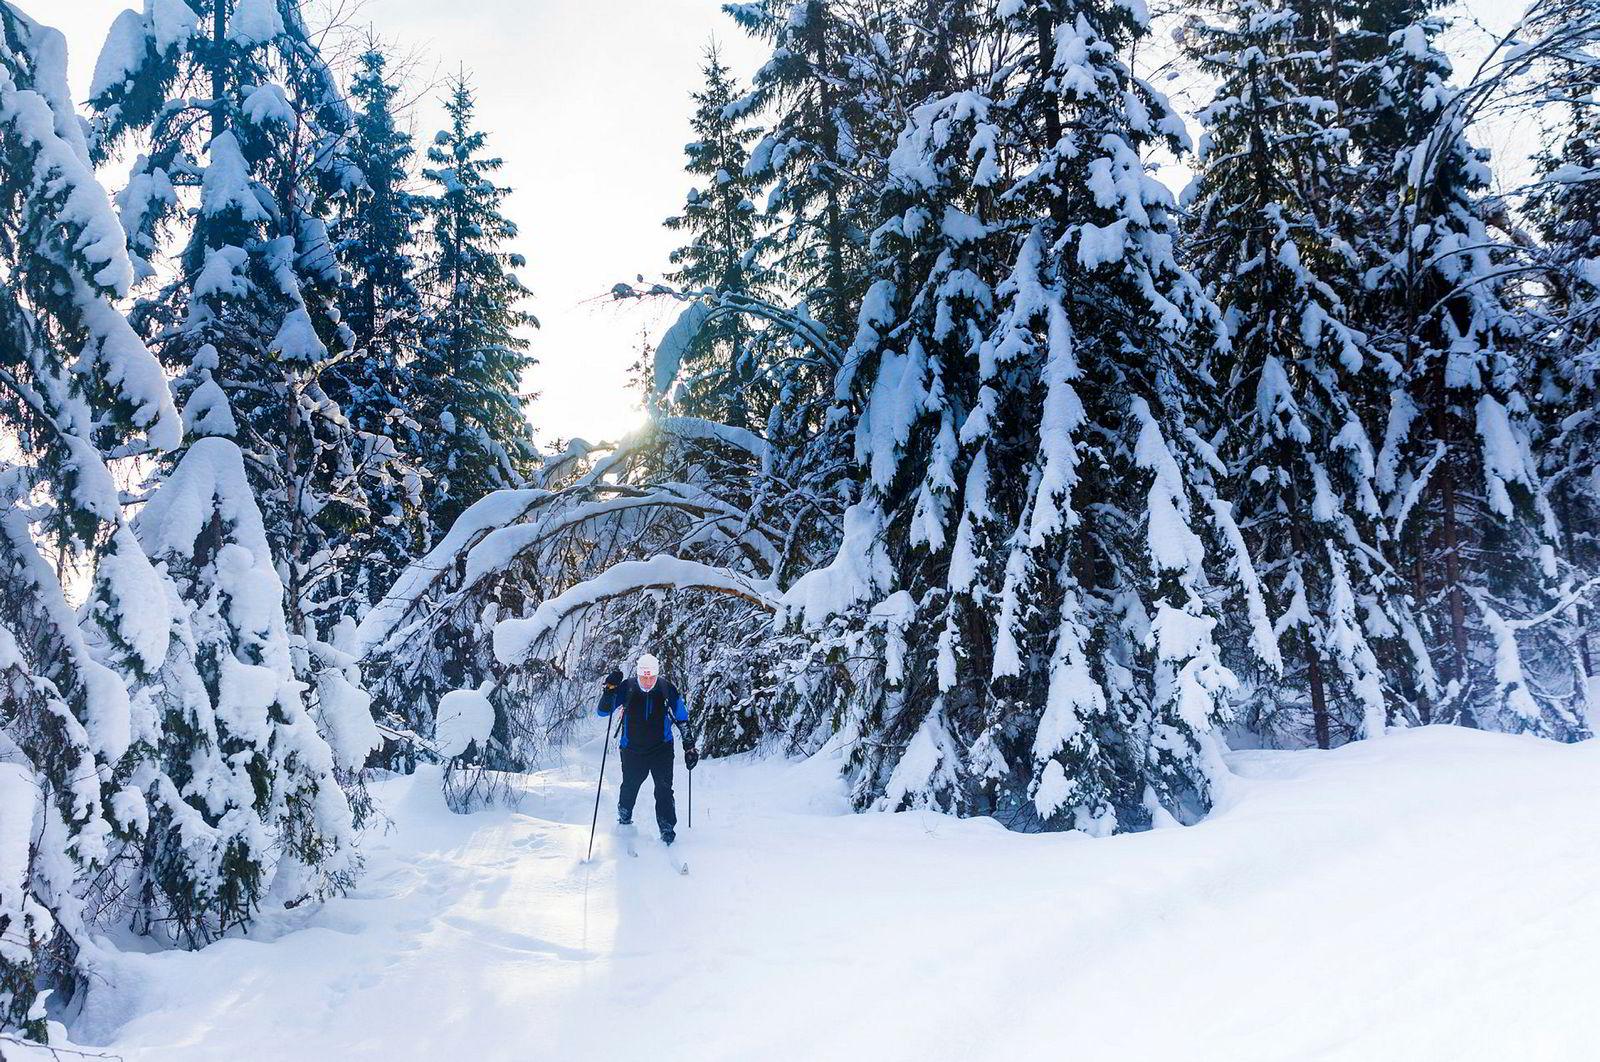 Enorme snømengder har gitt uvanlig mange muligheter denne vinteren. Forholdene er perfekte for den 73 år gamle tidligere kombinertløperen Matz Jenssen som liker seg best på avstikkerne i oslomarka.